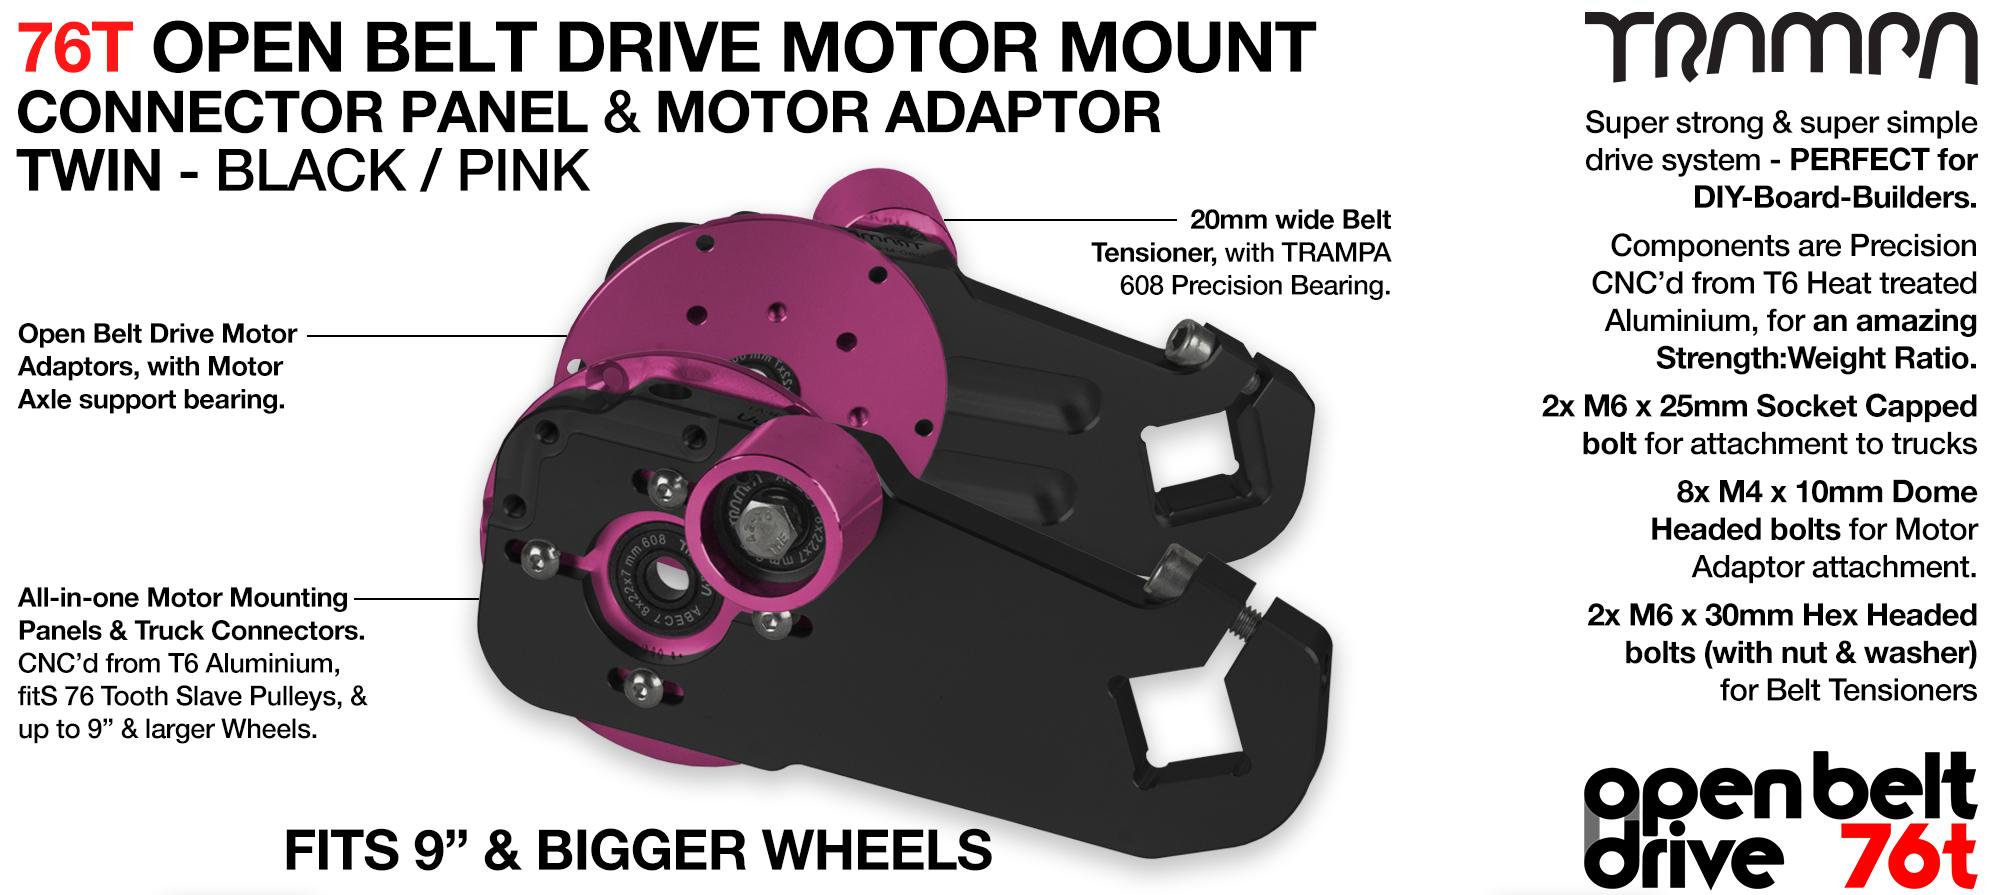 76T Open Belt Drive Motor Mount & Motor Adaptor - TWIN PINK